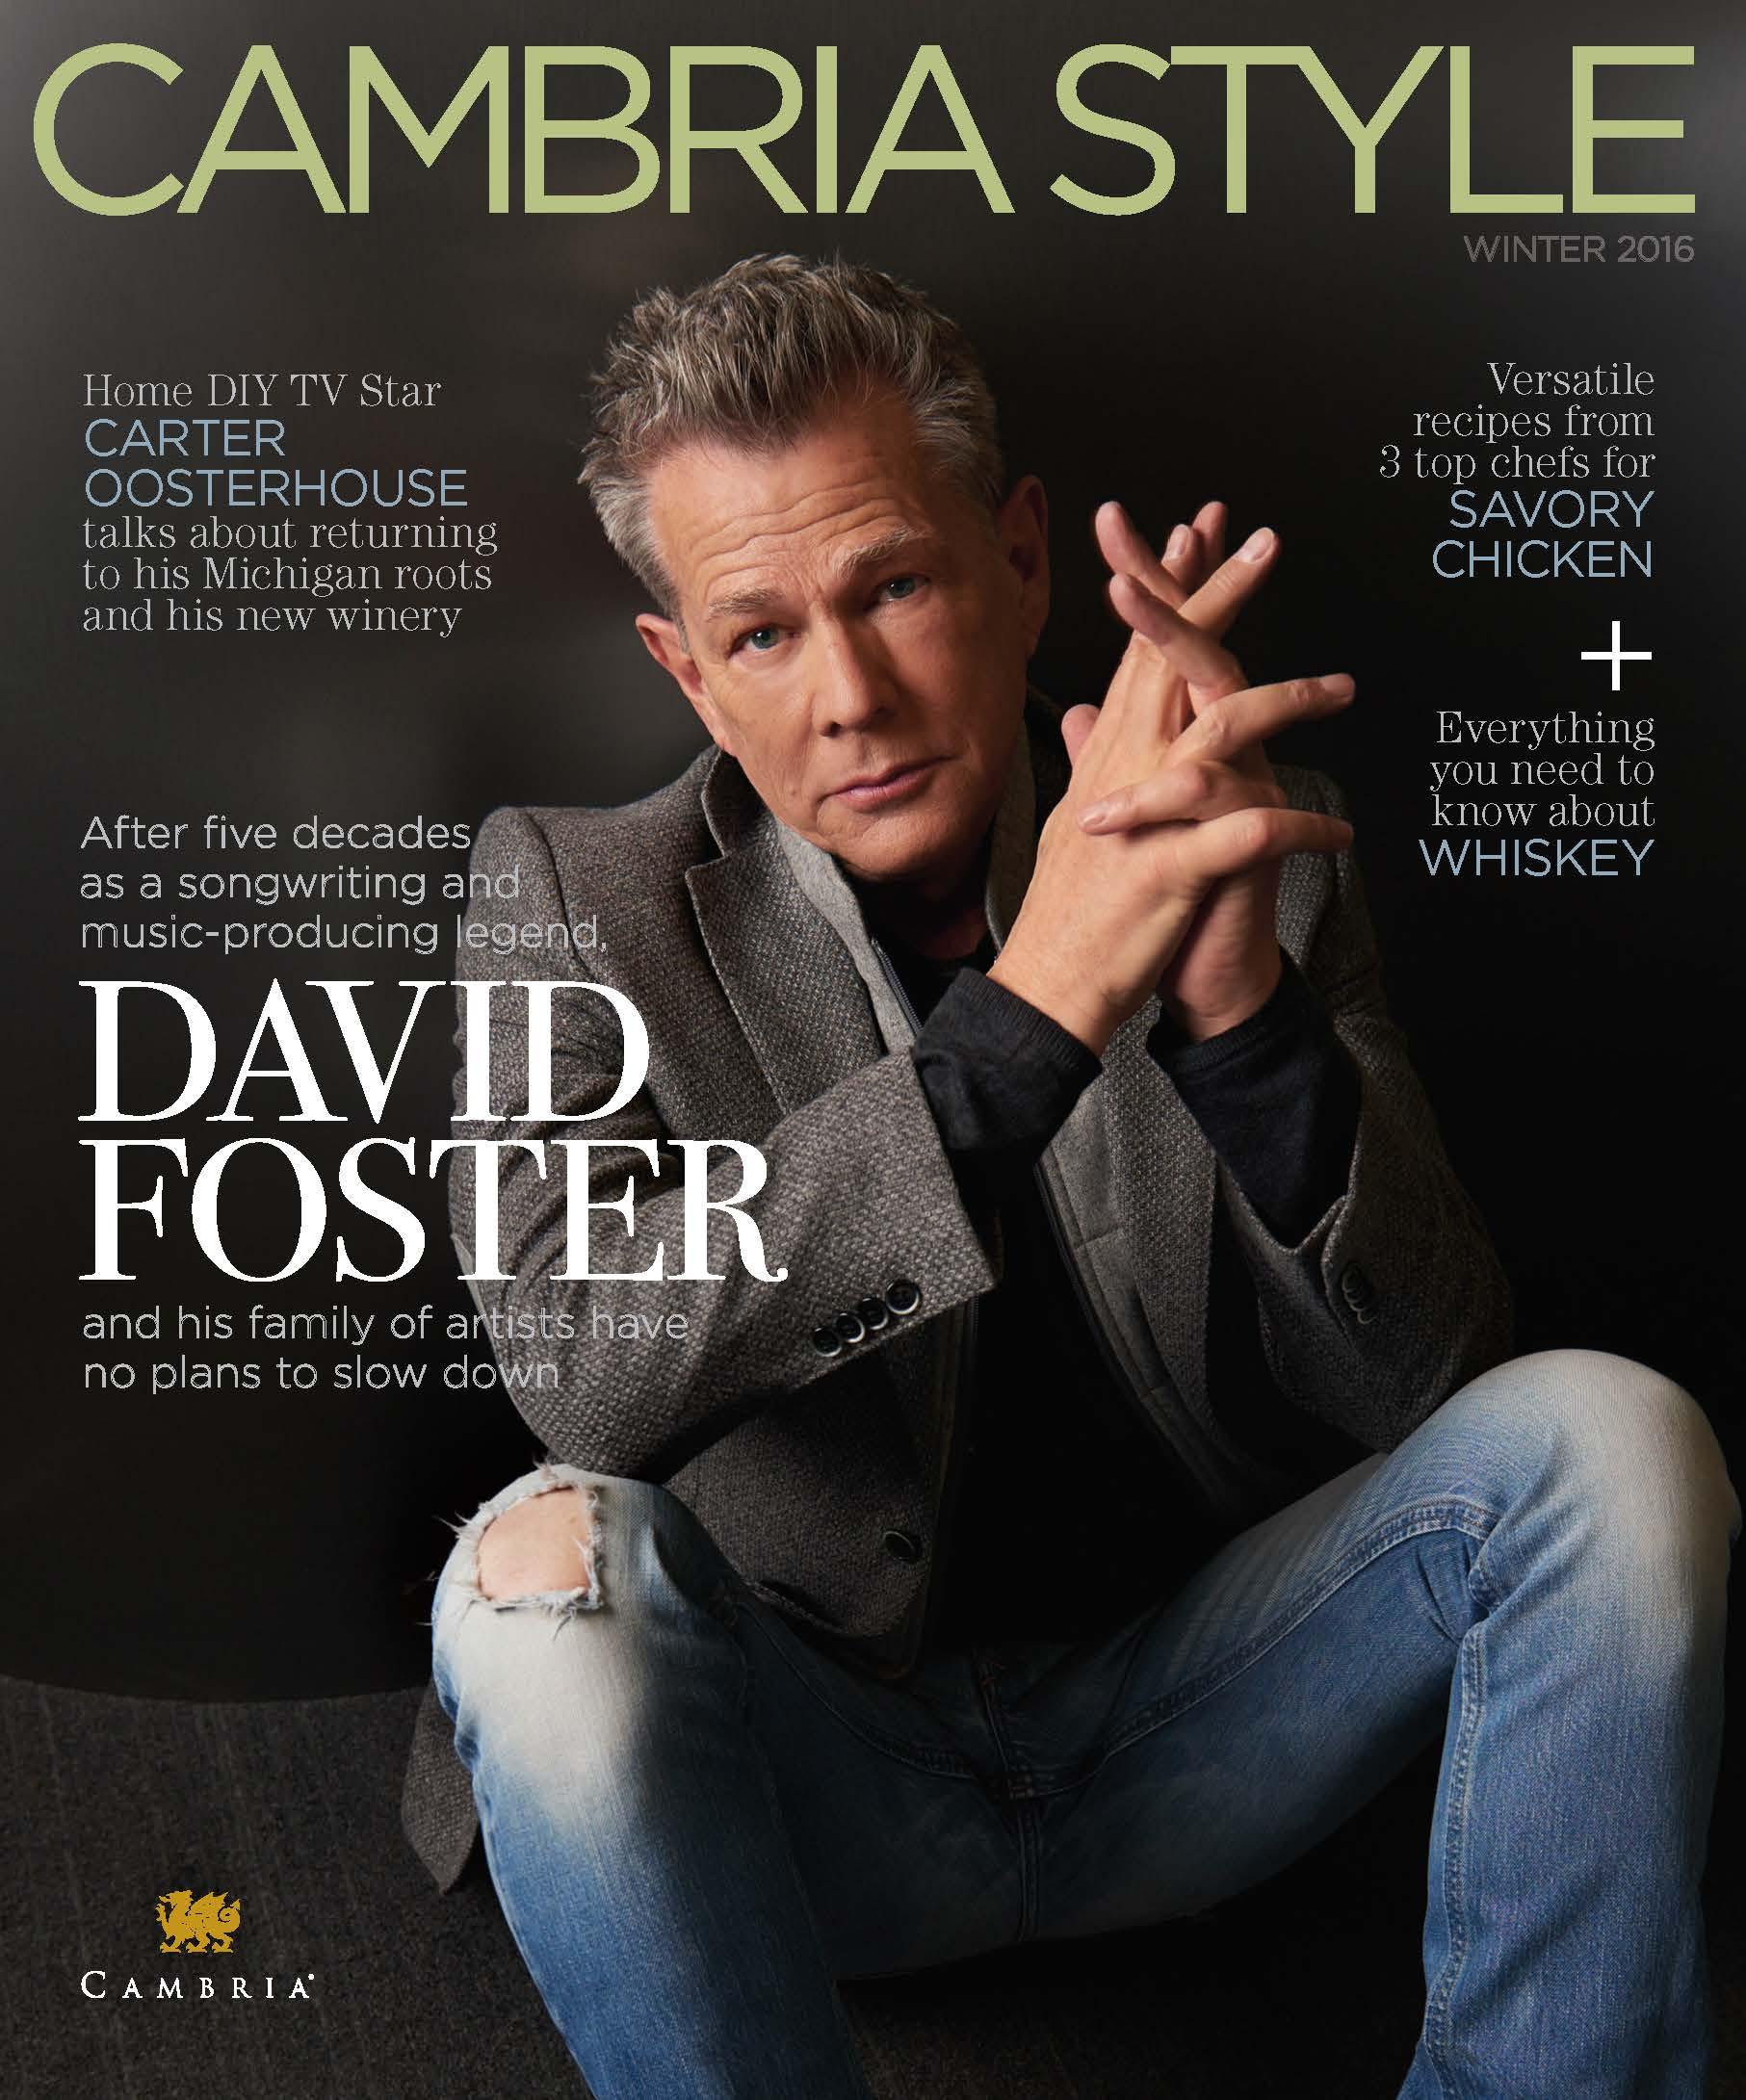 CAMBRIA_STYLE_Consumer_Full_Issue_Eddies